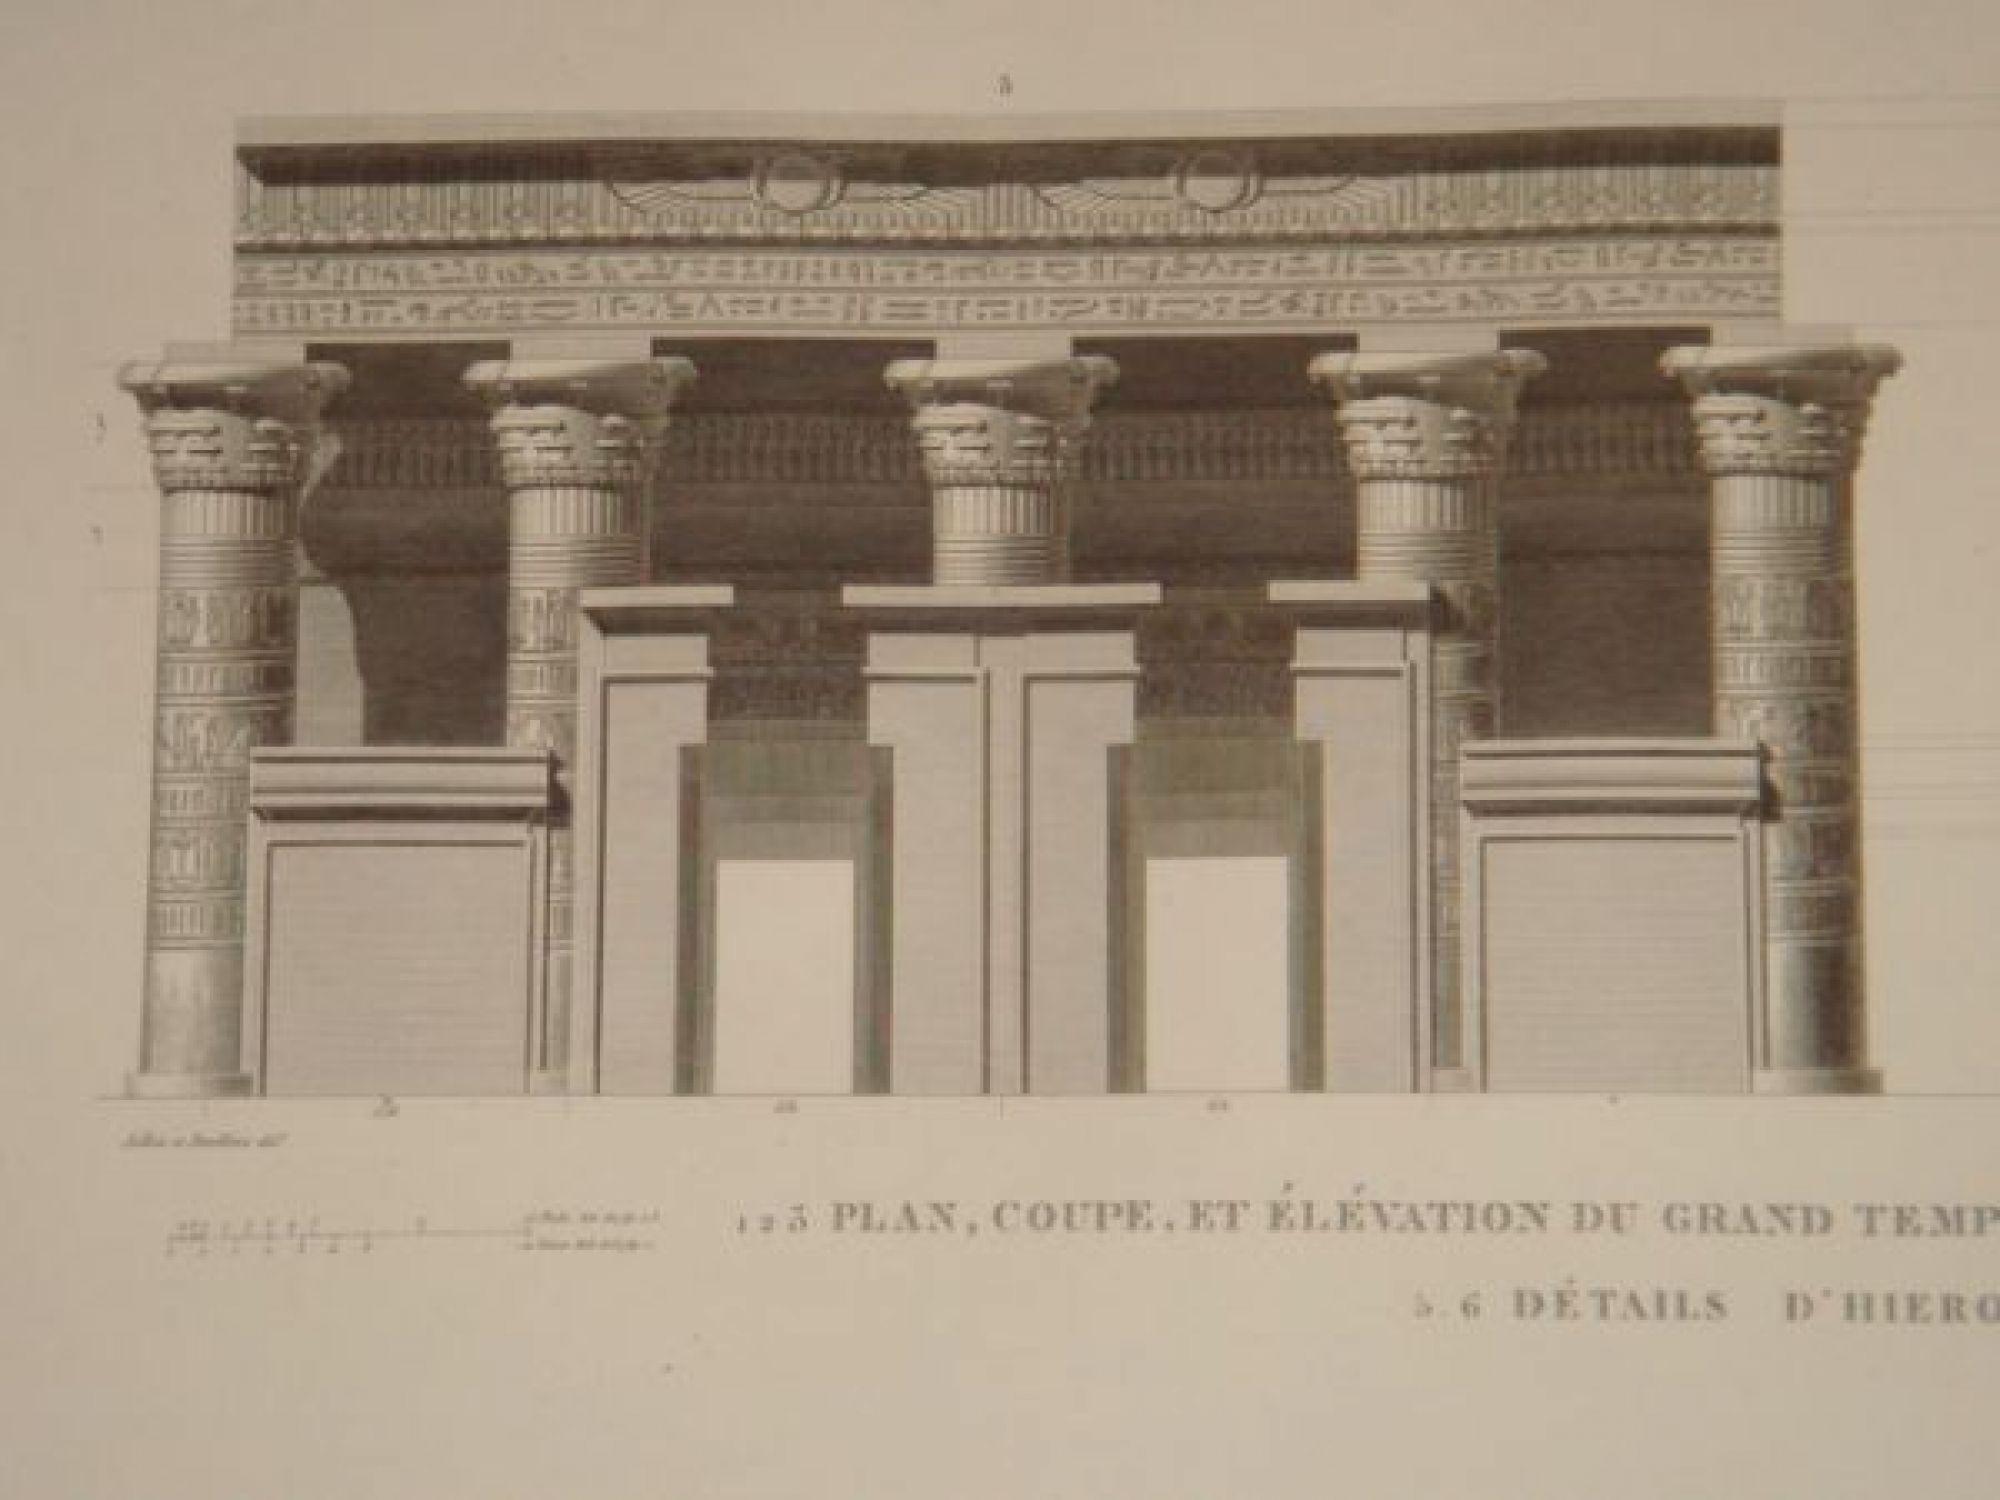 Elevation Plan Description : Description de l egypte koum omboû ombos plan coupe